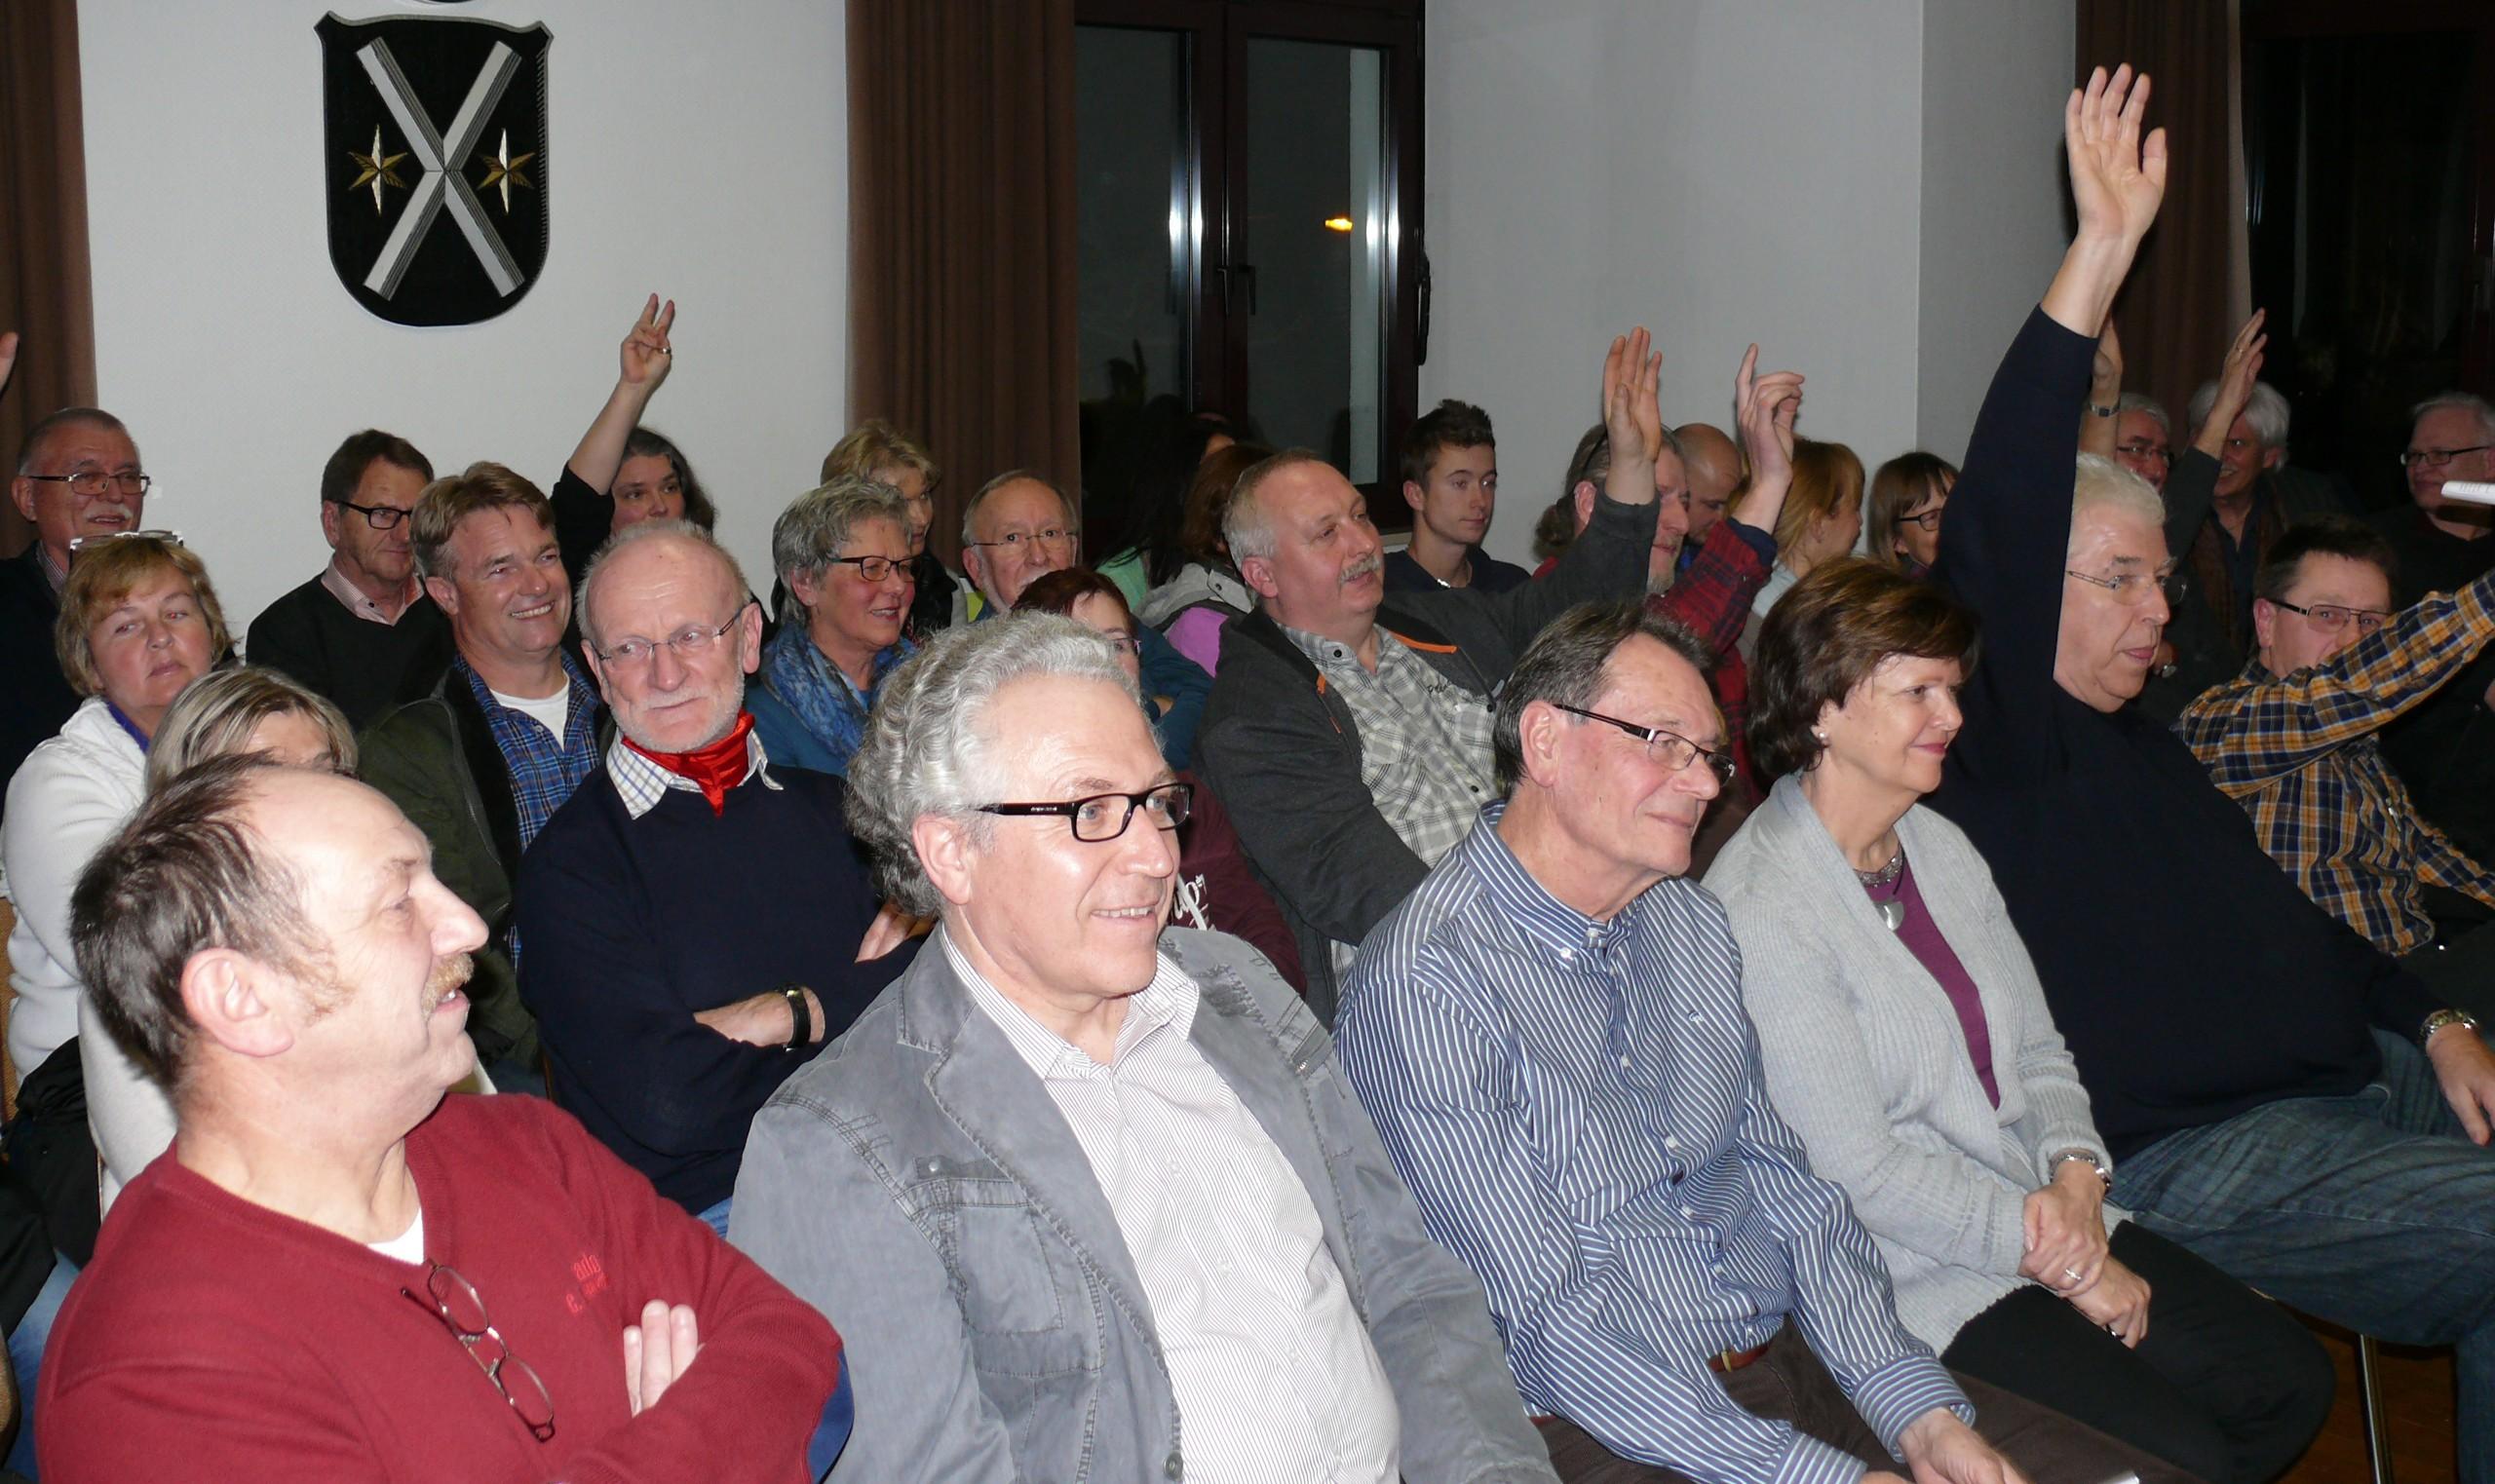 Per Handzeichen geben etwa 15 Neuschlößer die Antwort auf die entscheidende Frage: Wer würde denn bei einer Bürgerkammer mitmachen? Ein erfolgversprechender Ausgangspunkt.